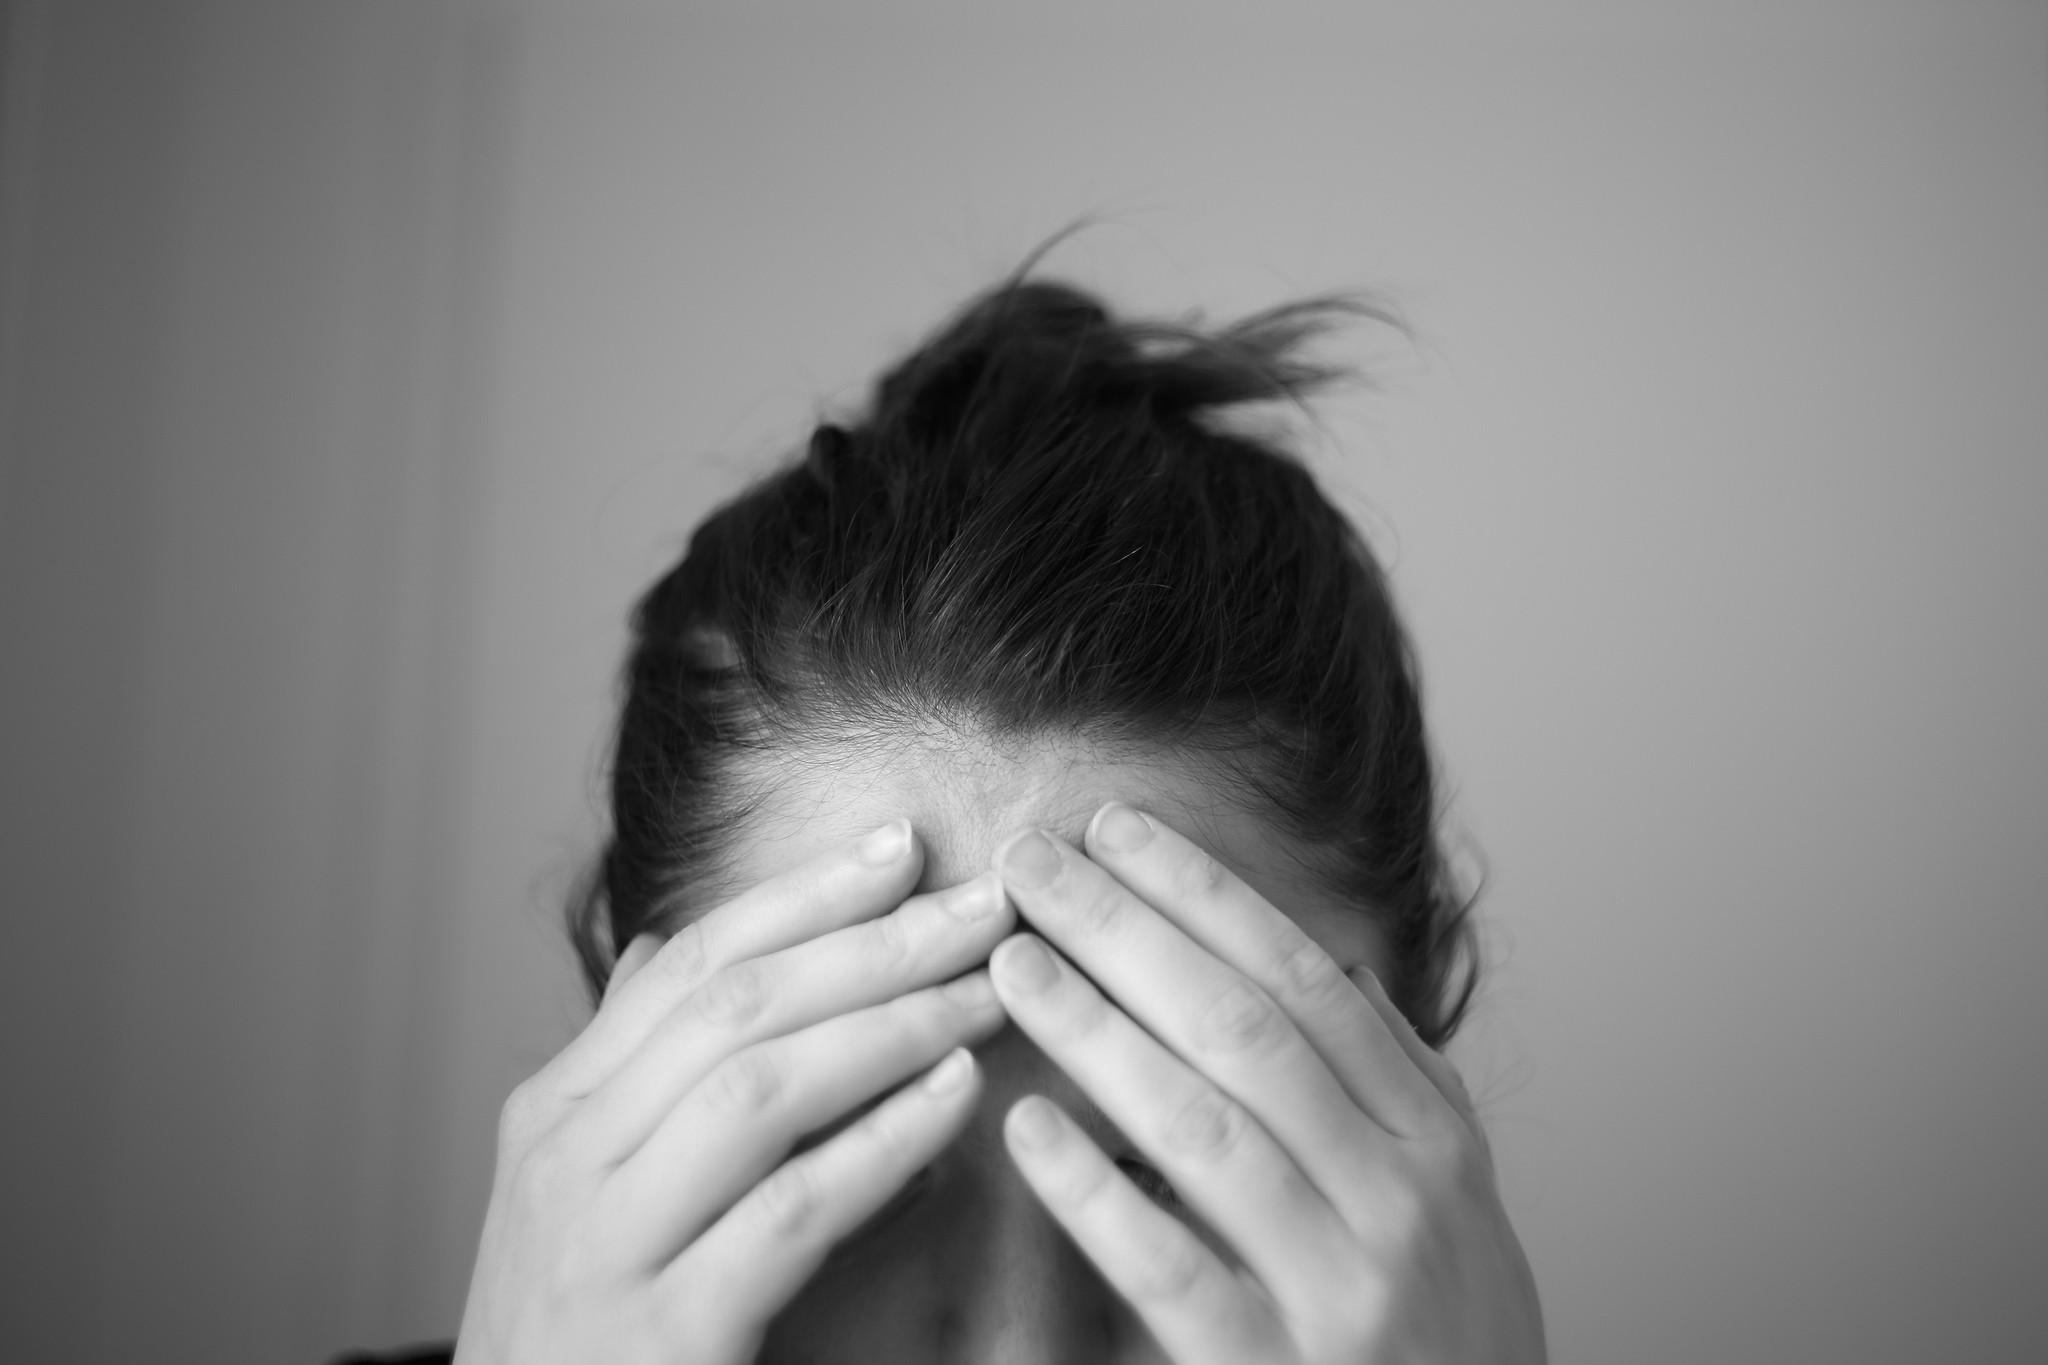 Dor de cabeça: esta dica simples te ajudará a evitá-la